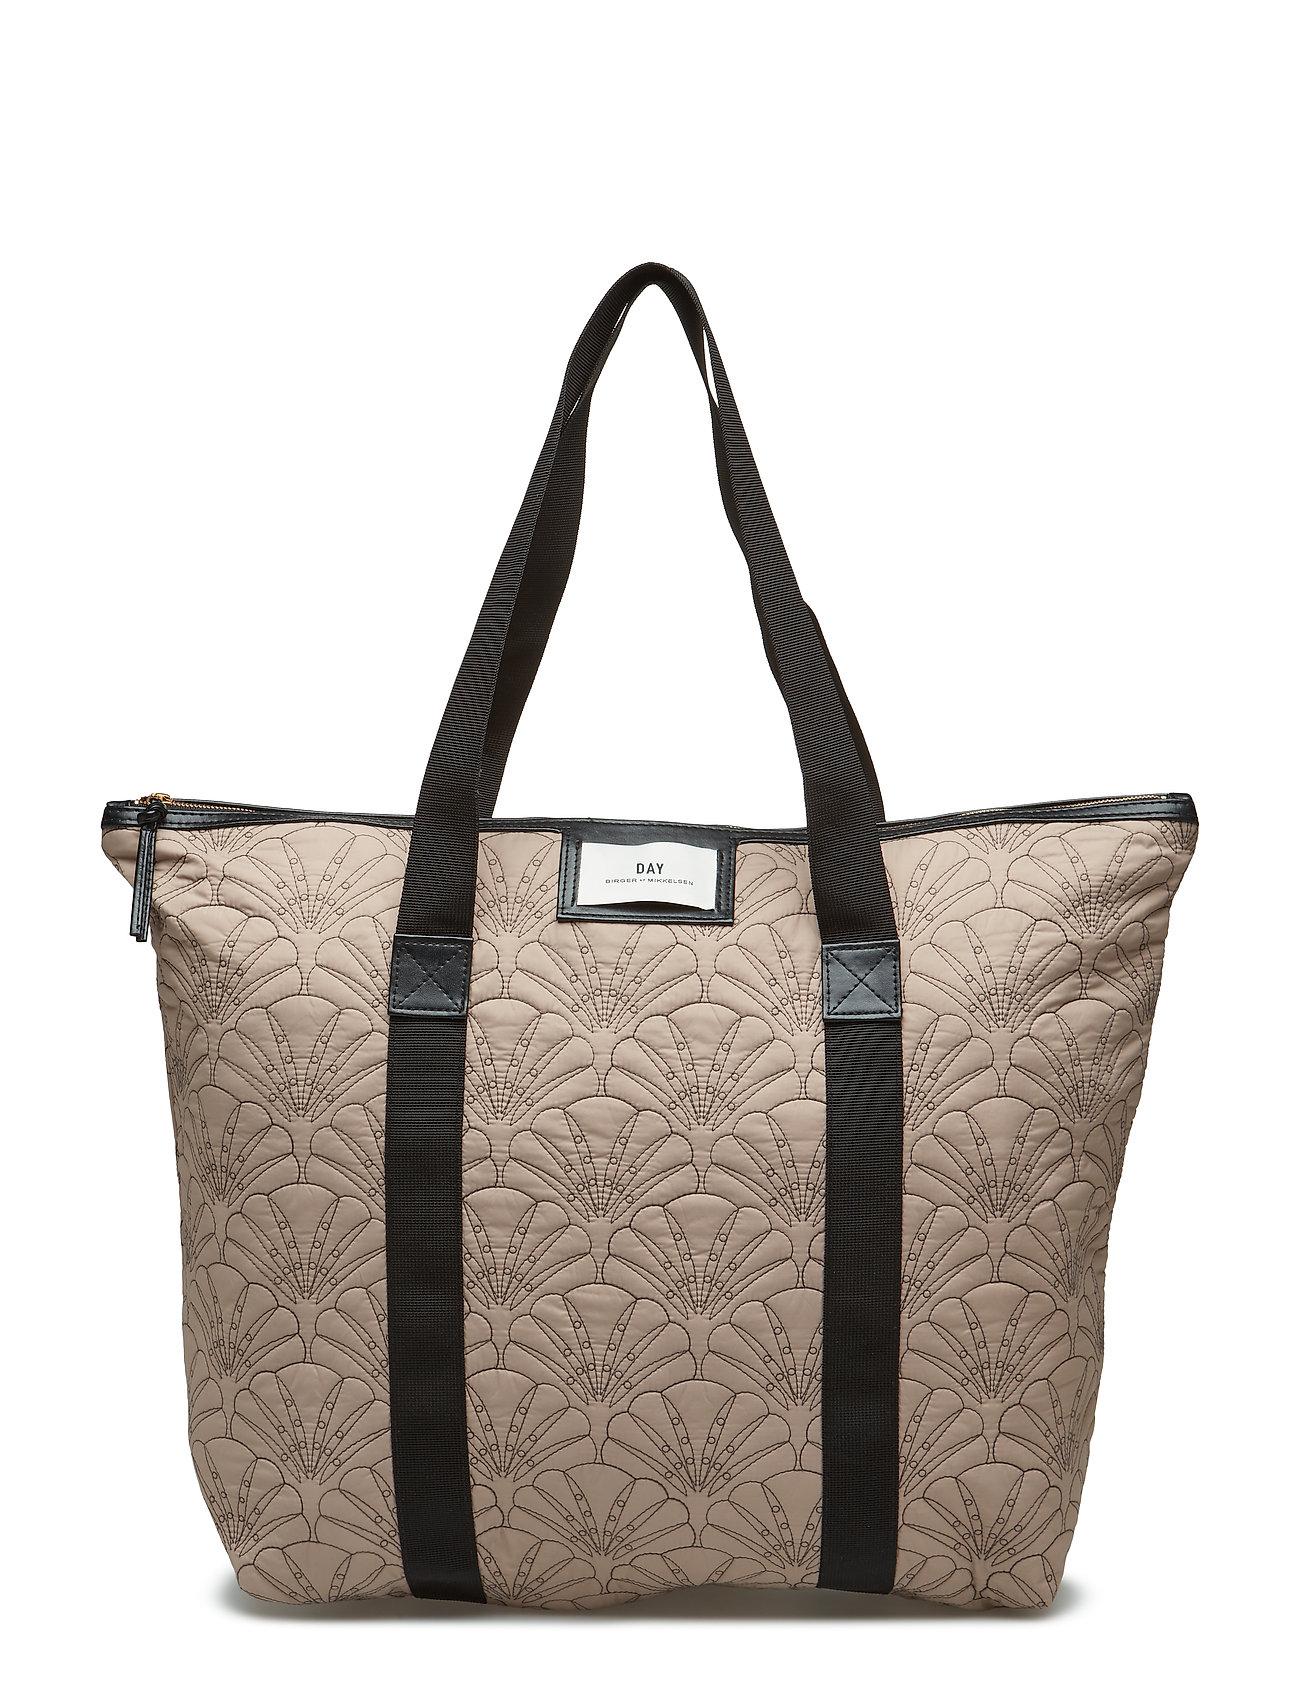 Image of Day Gweneth Q Fan Bag (3102801493)